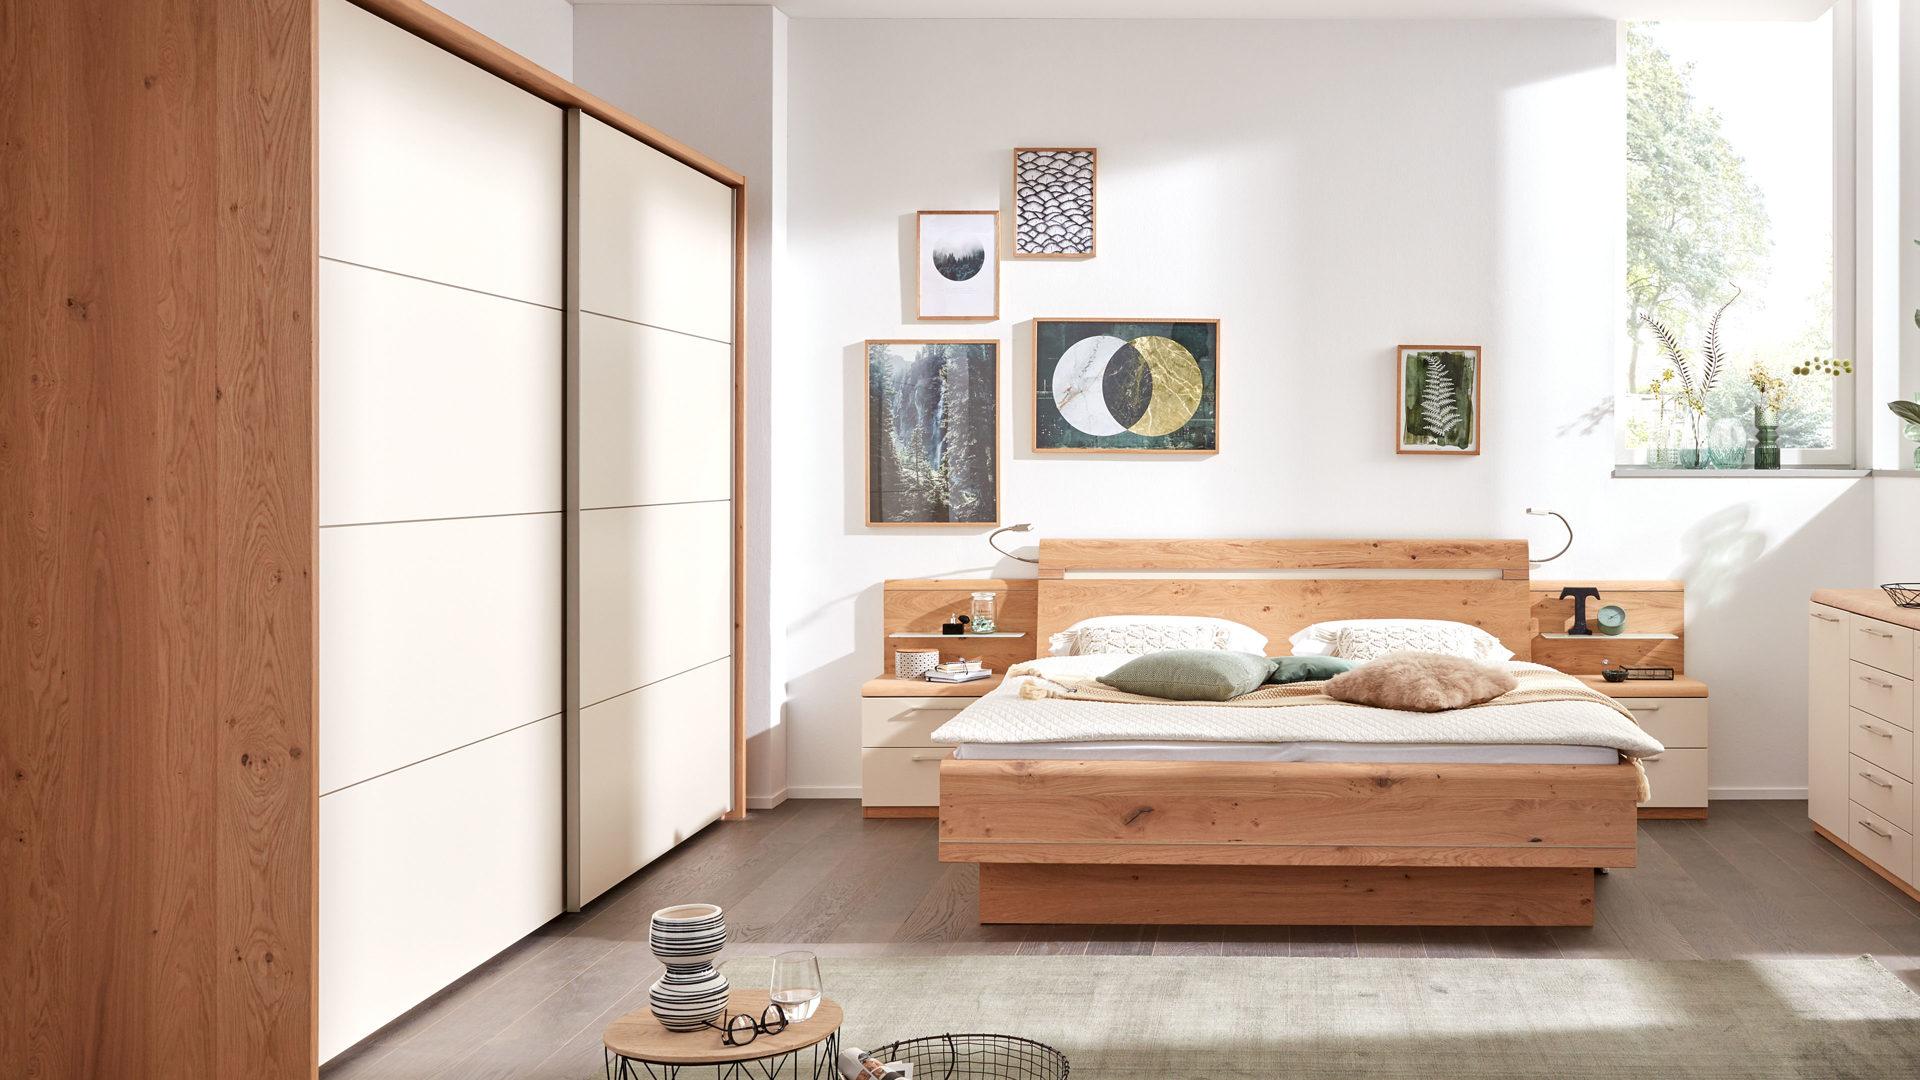 Interliving Schlafzimmer Serie 1013 Komplettzimmer Mit Flexleuchten